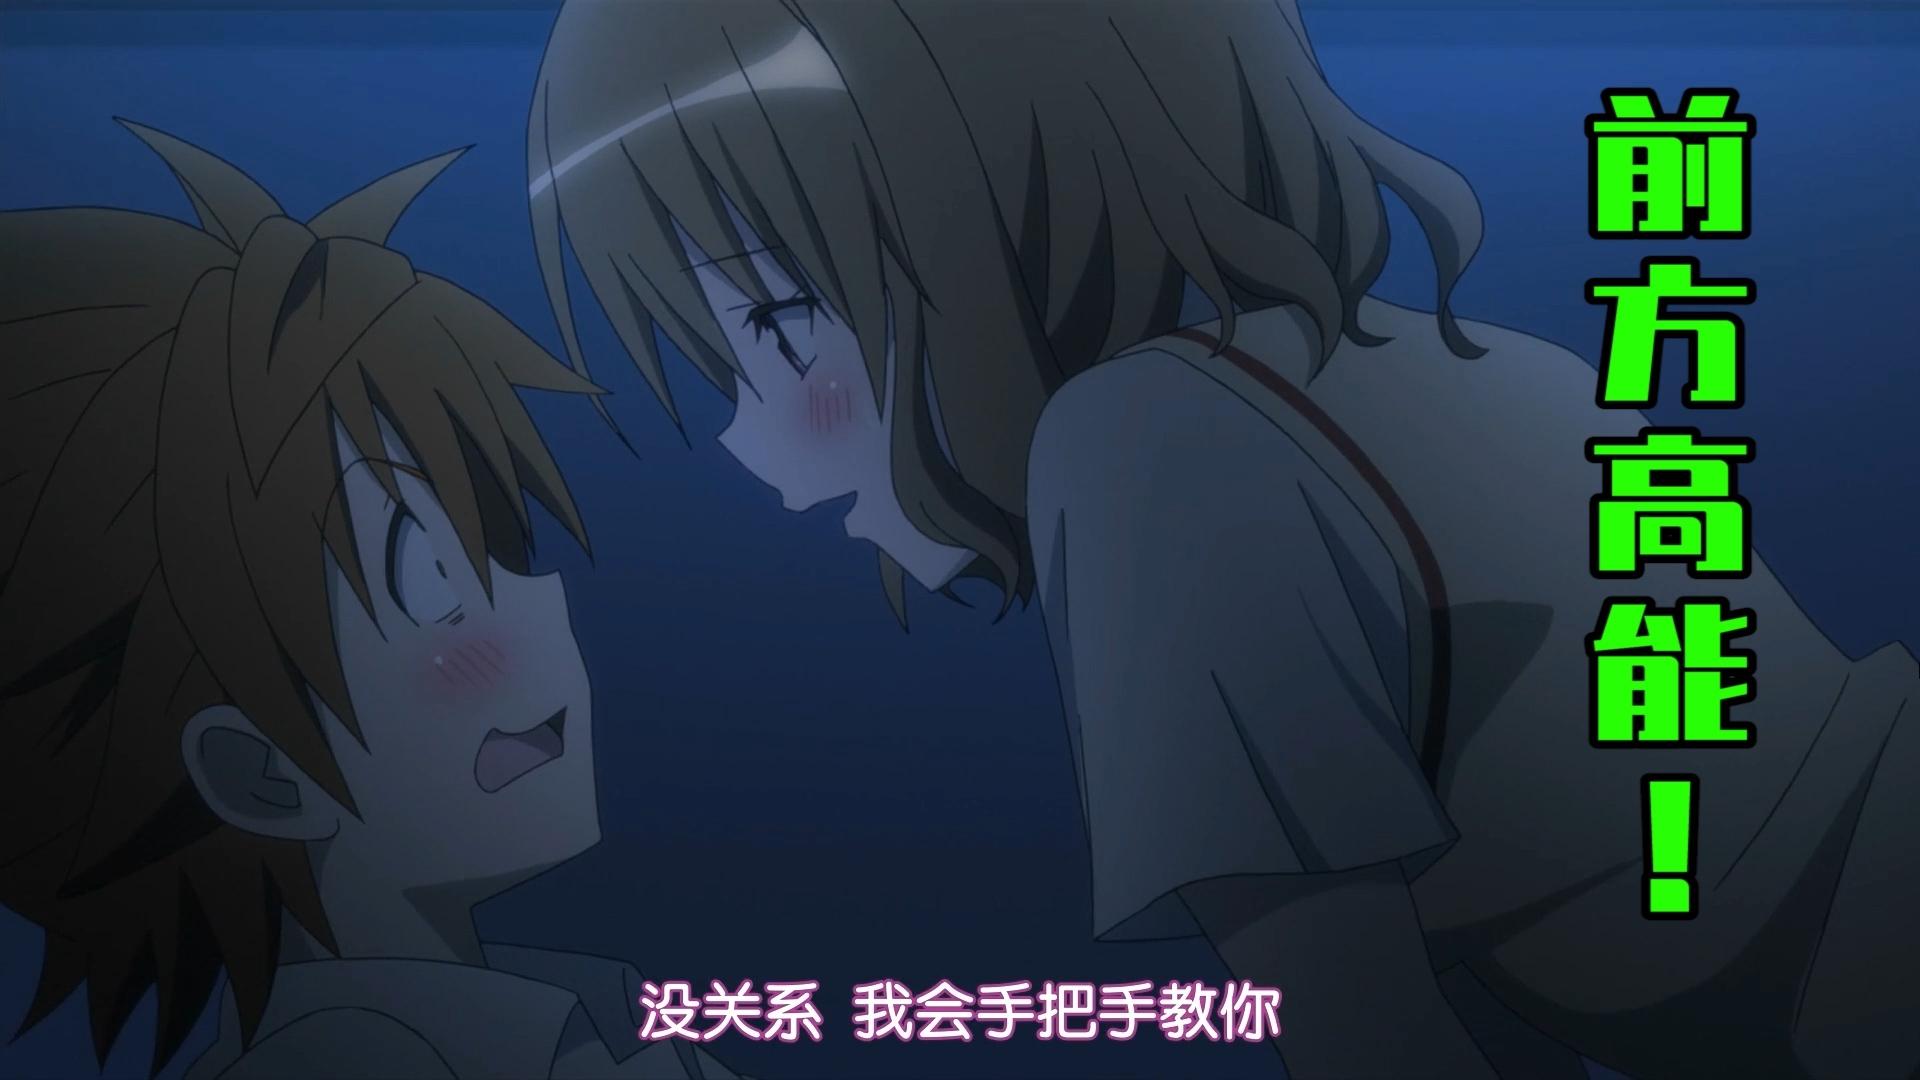 【前方高能】动漫里过于主动妹子!